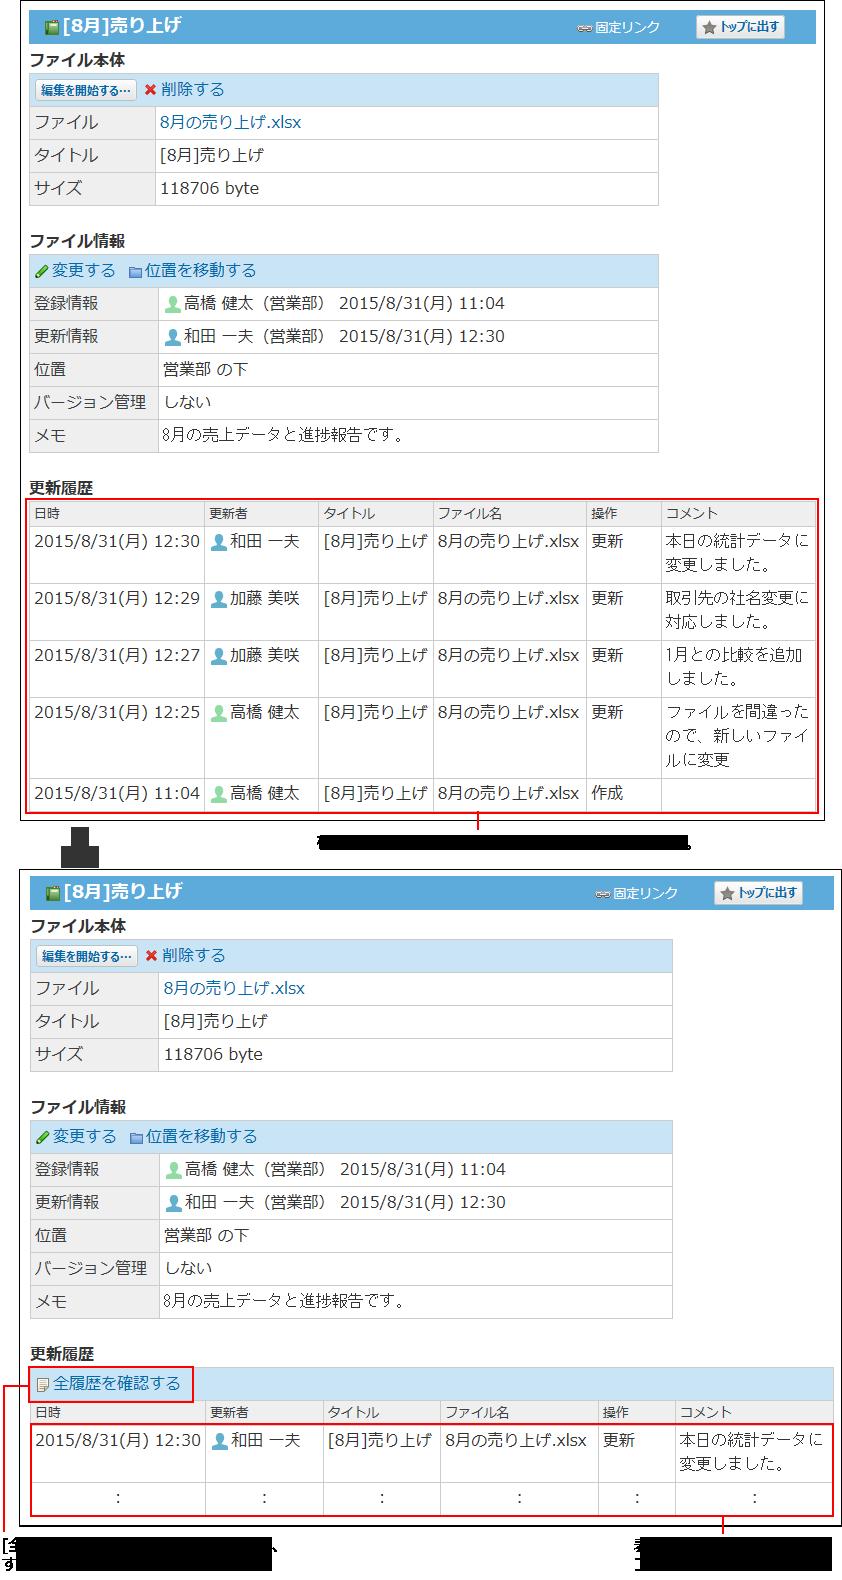 表示件数設定のイメージ